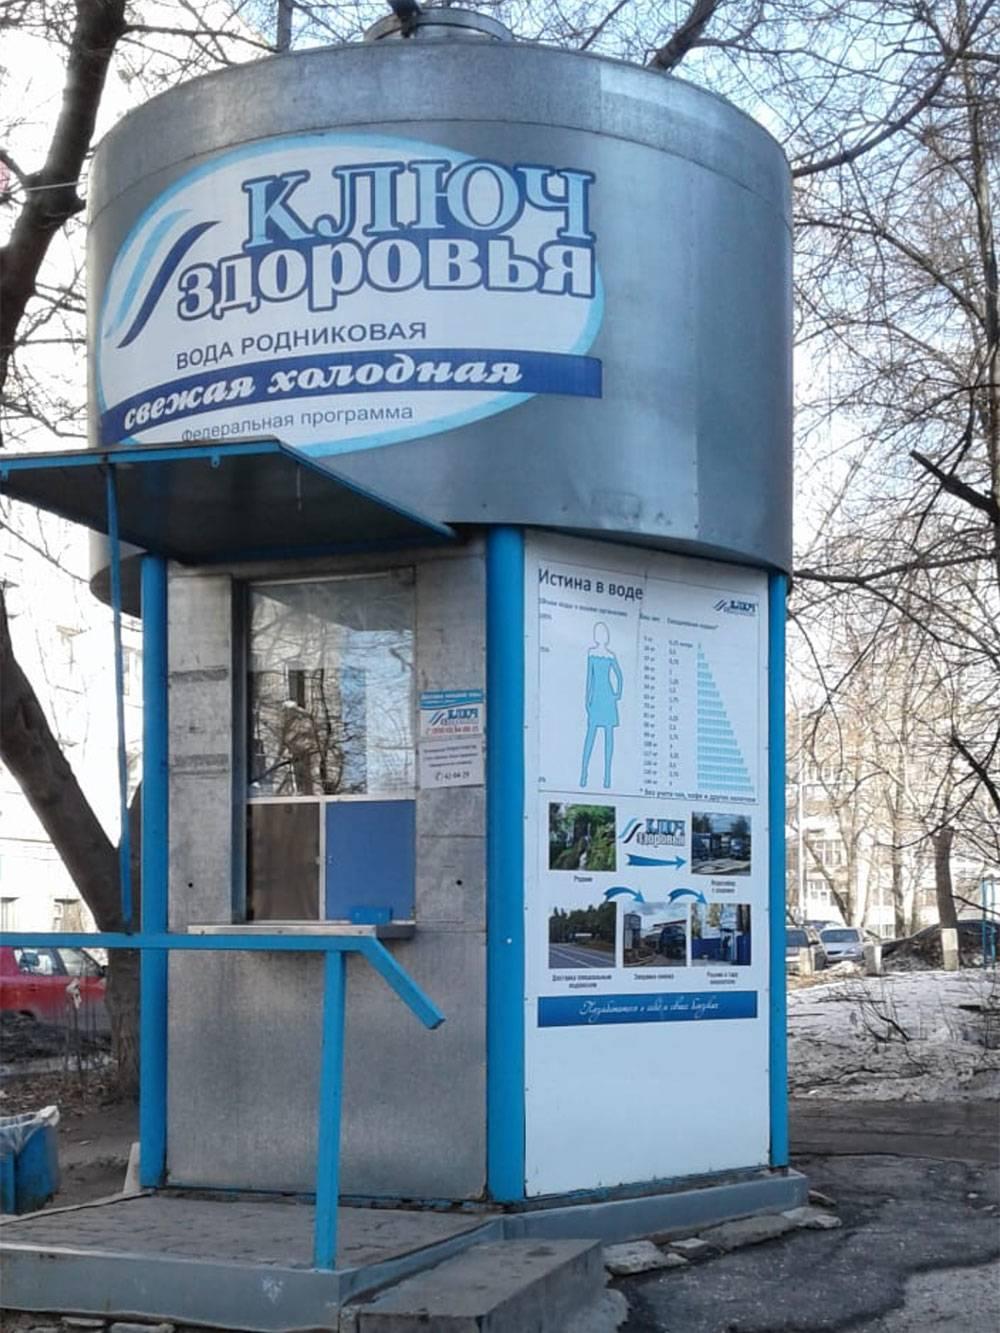 Специальный киоск с питьевой водой, 5 литров родниковой воды стоят 30<span class=ruble>Р</span>